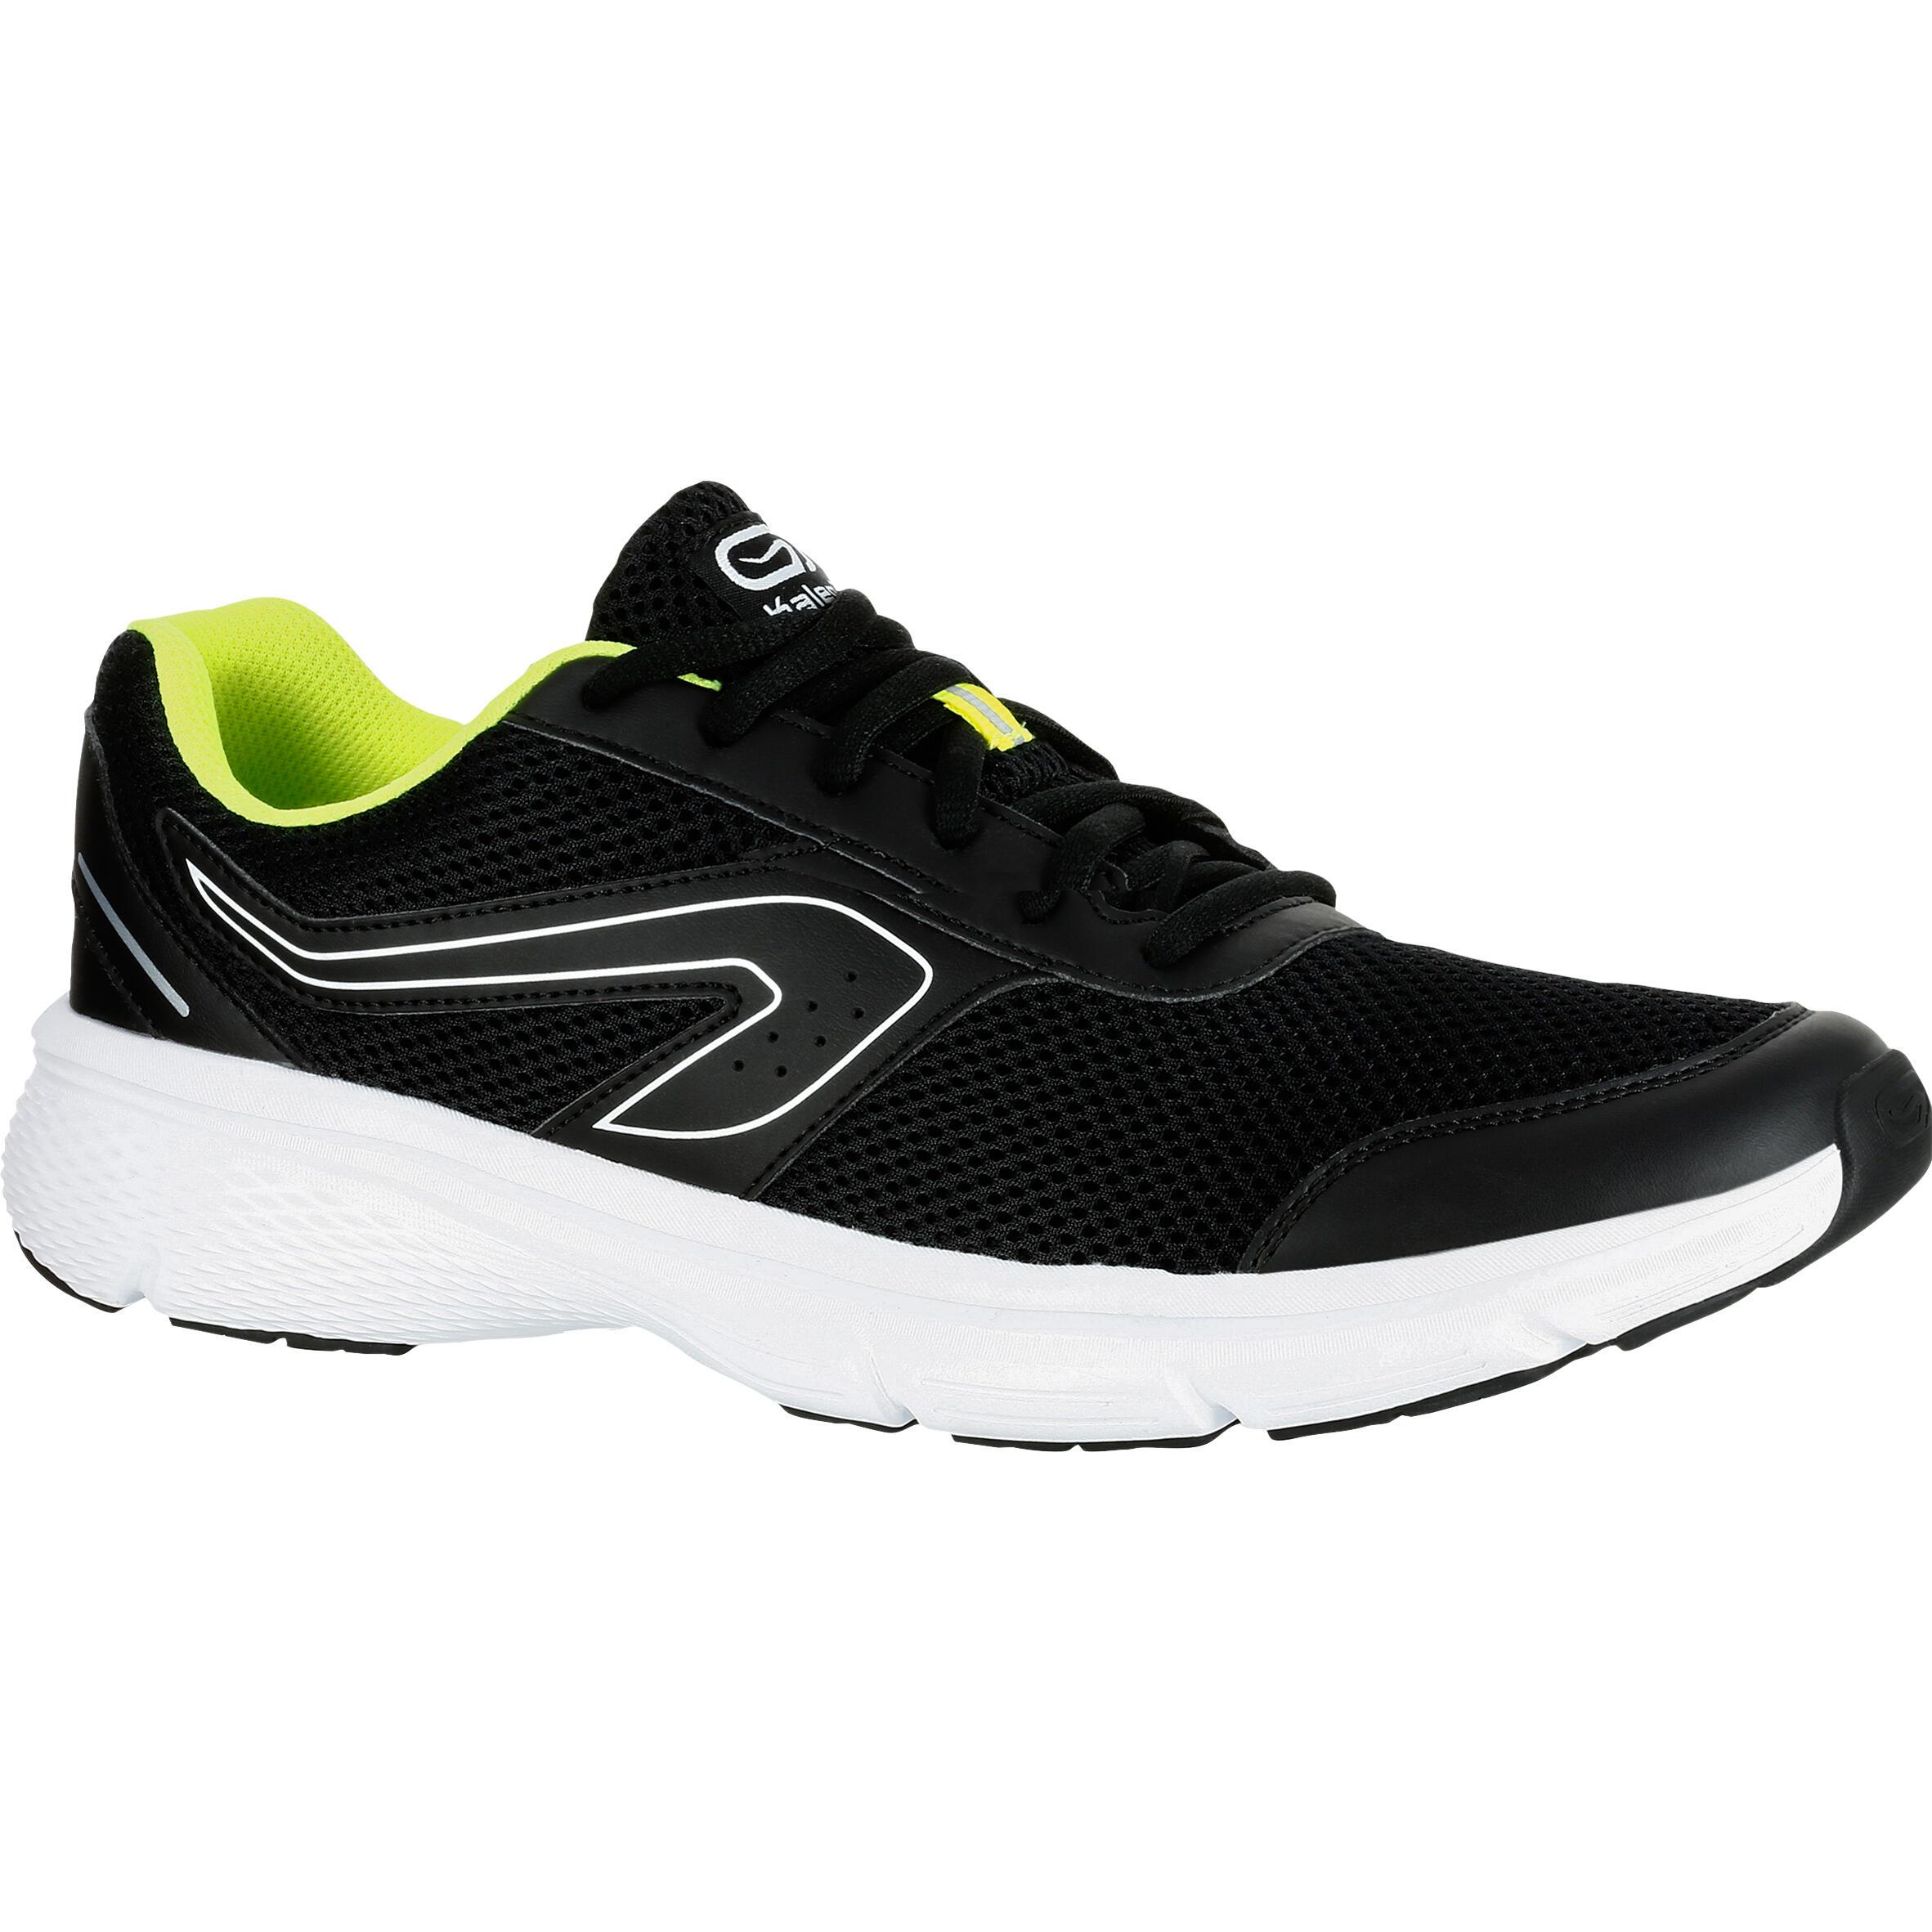 Kalenji Joggingschoenen voor heren Run Cushion Grip zwart/geel